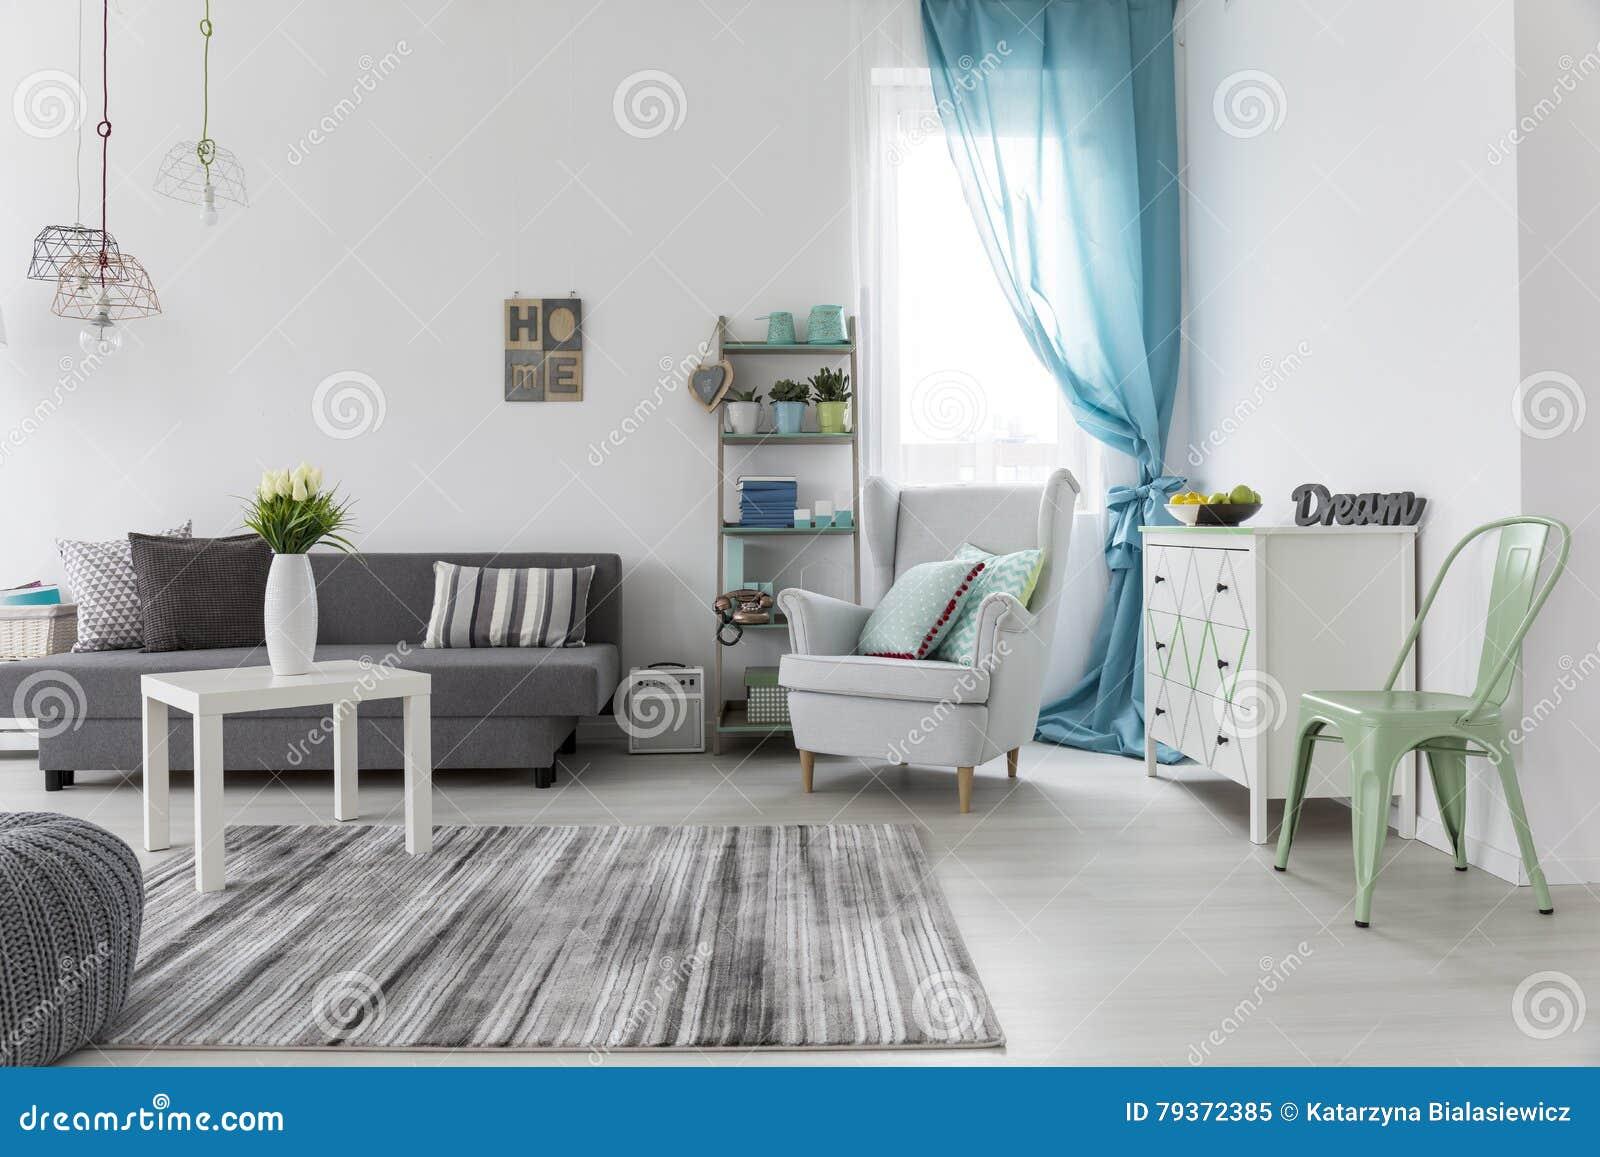 Wohnzimmerinnenraum Mit Hellen Wanden Und Boden Stockbild Bild Von